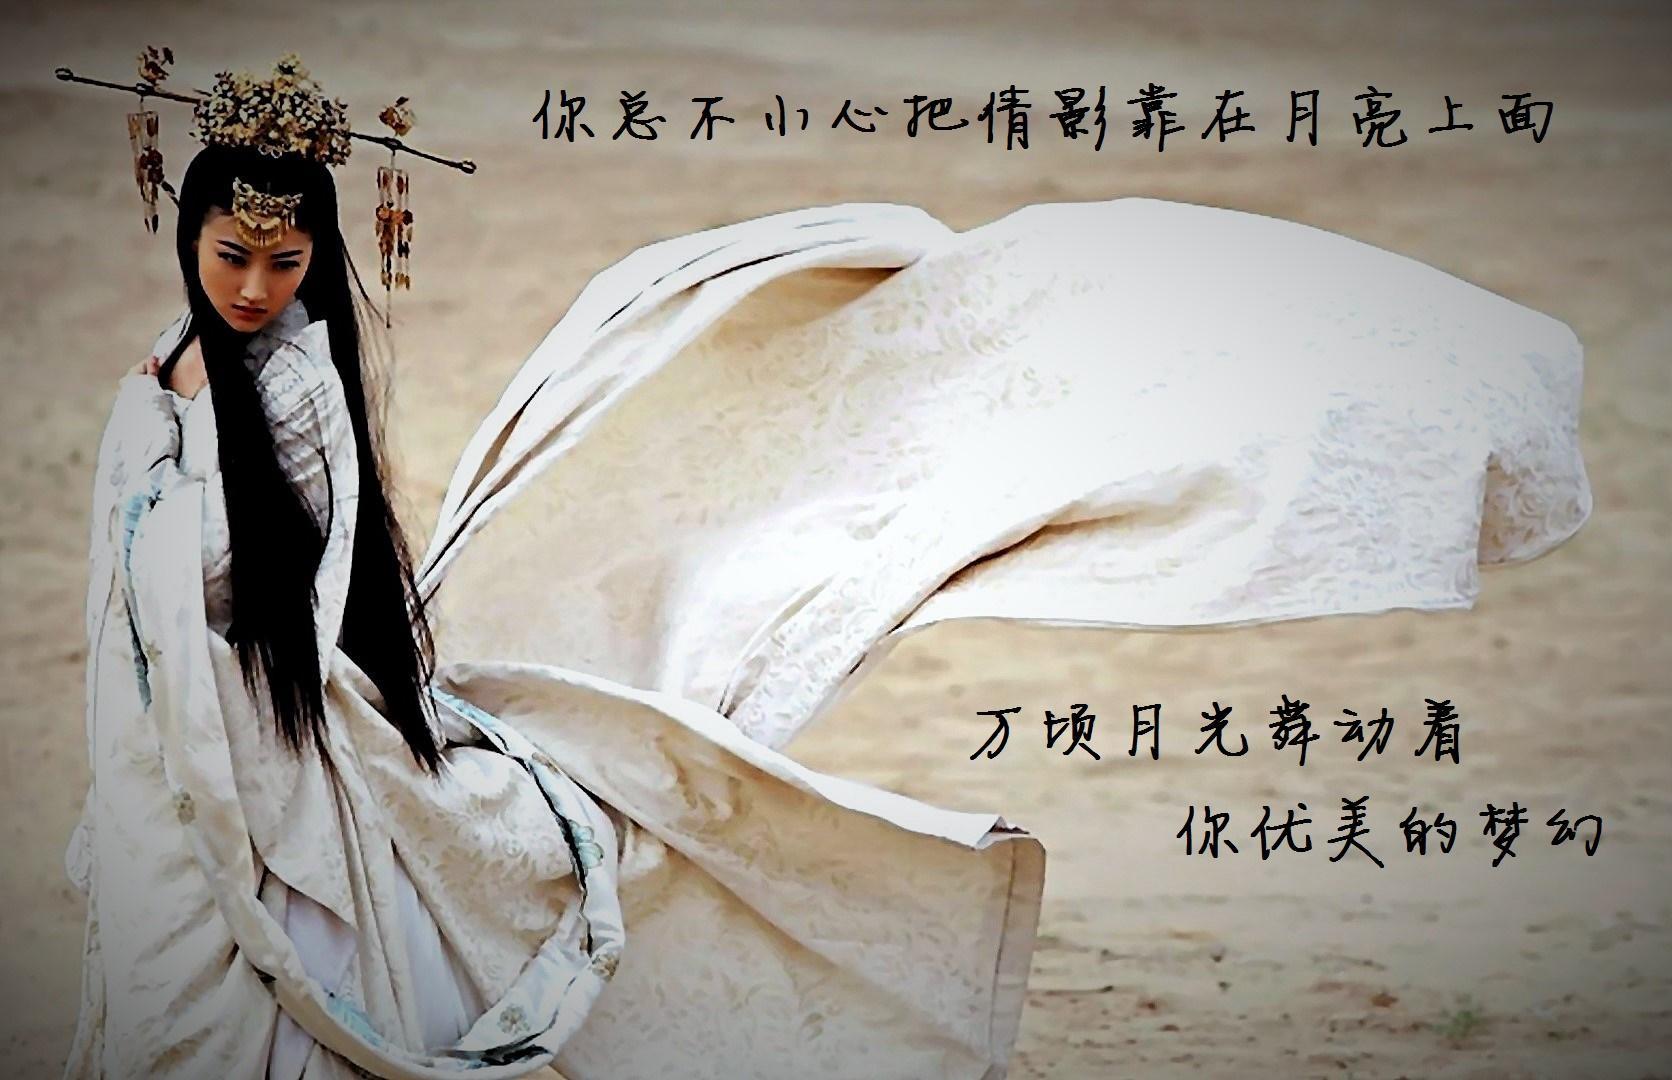 《我的楼兰》是云朵演唱的一首歌曲,由刀郎作曲,苏柳作词,收录于云朵